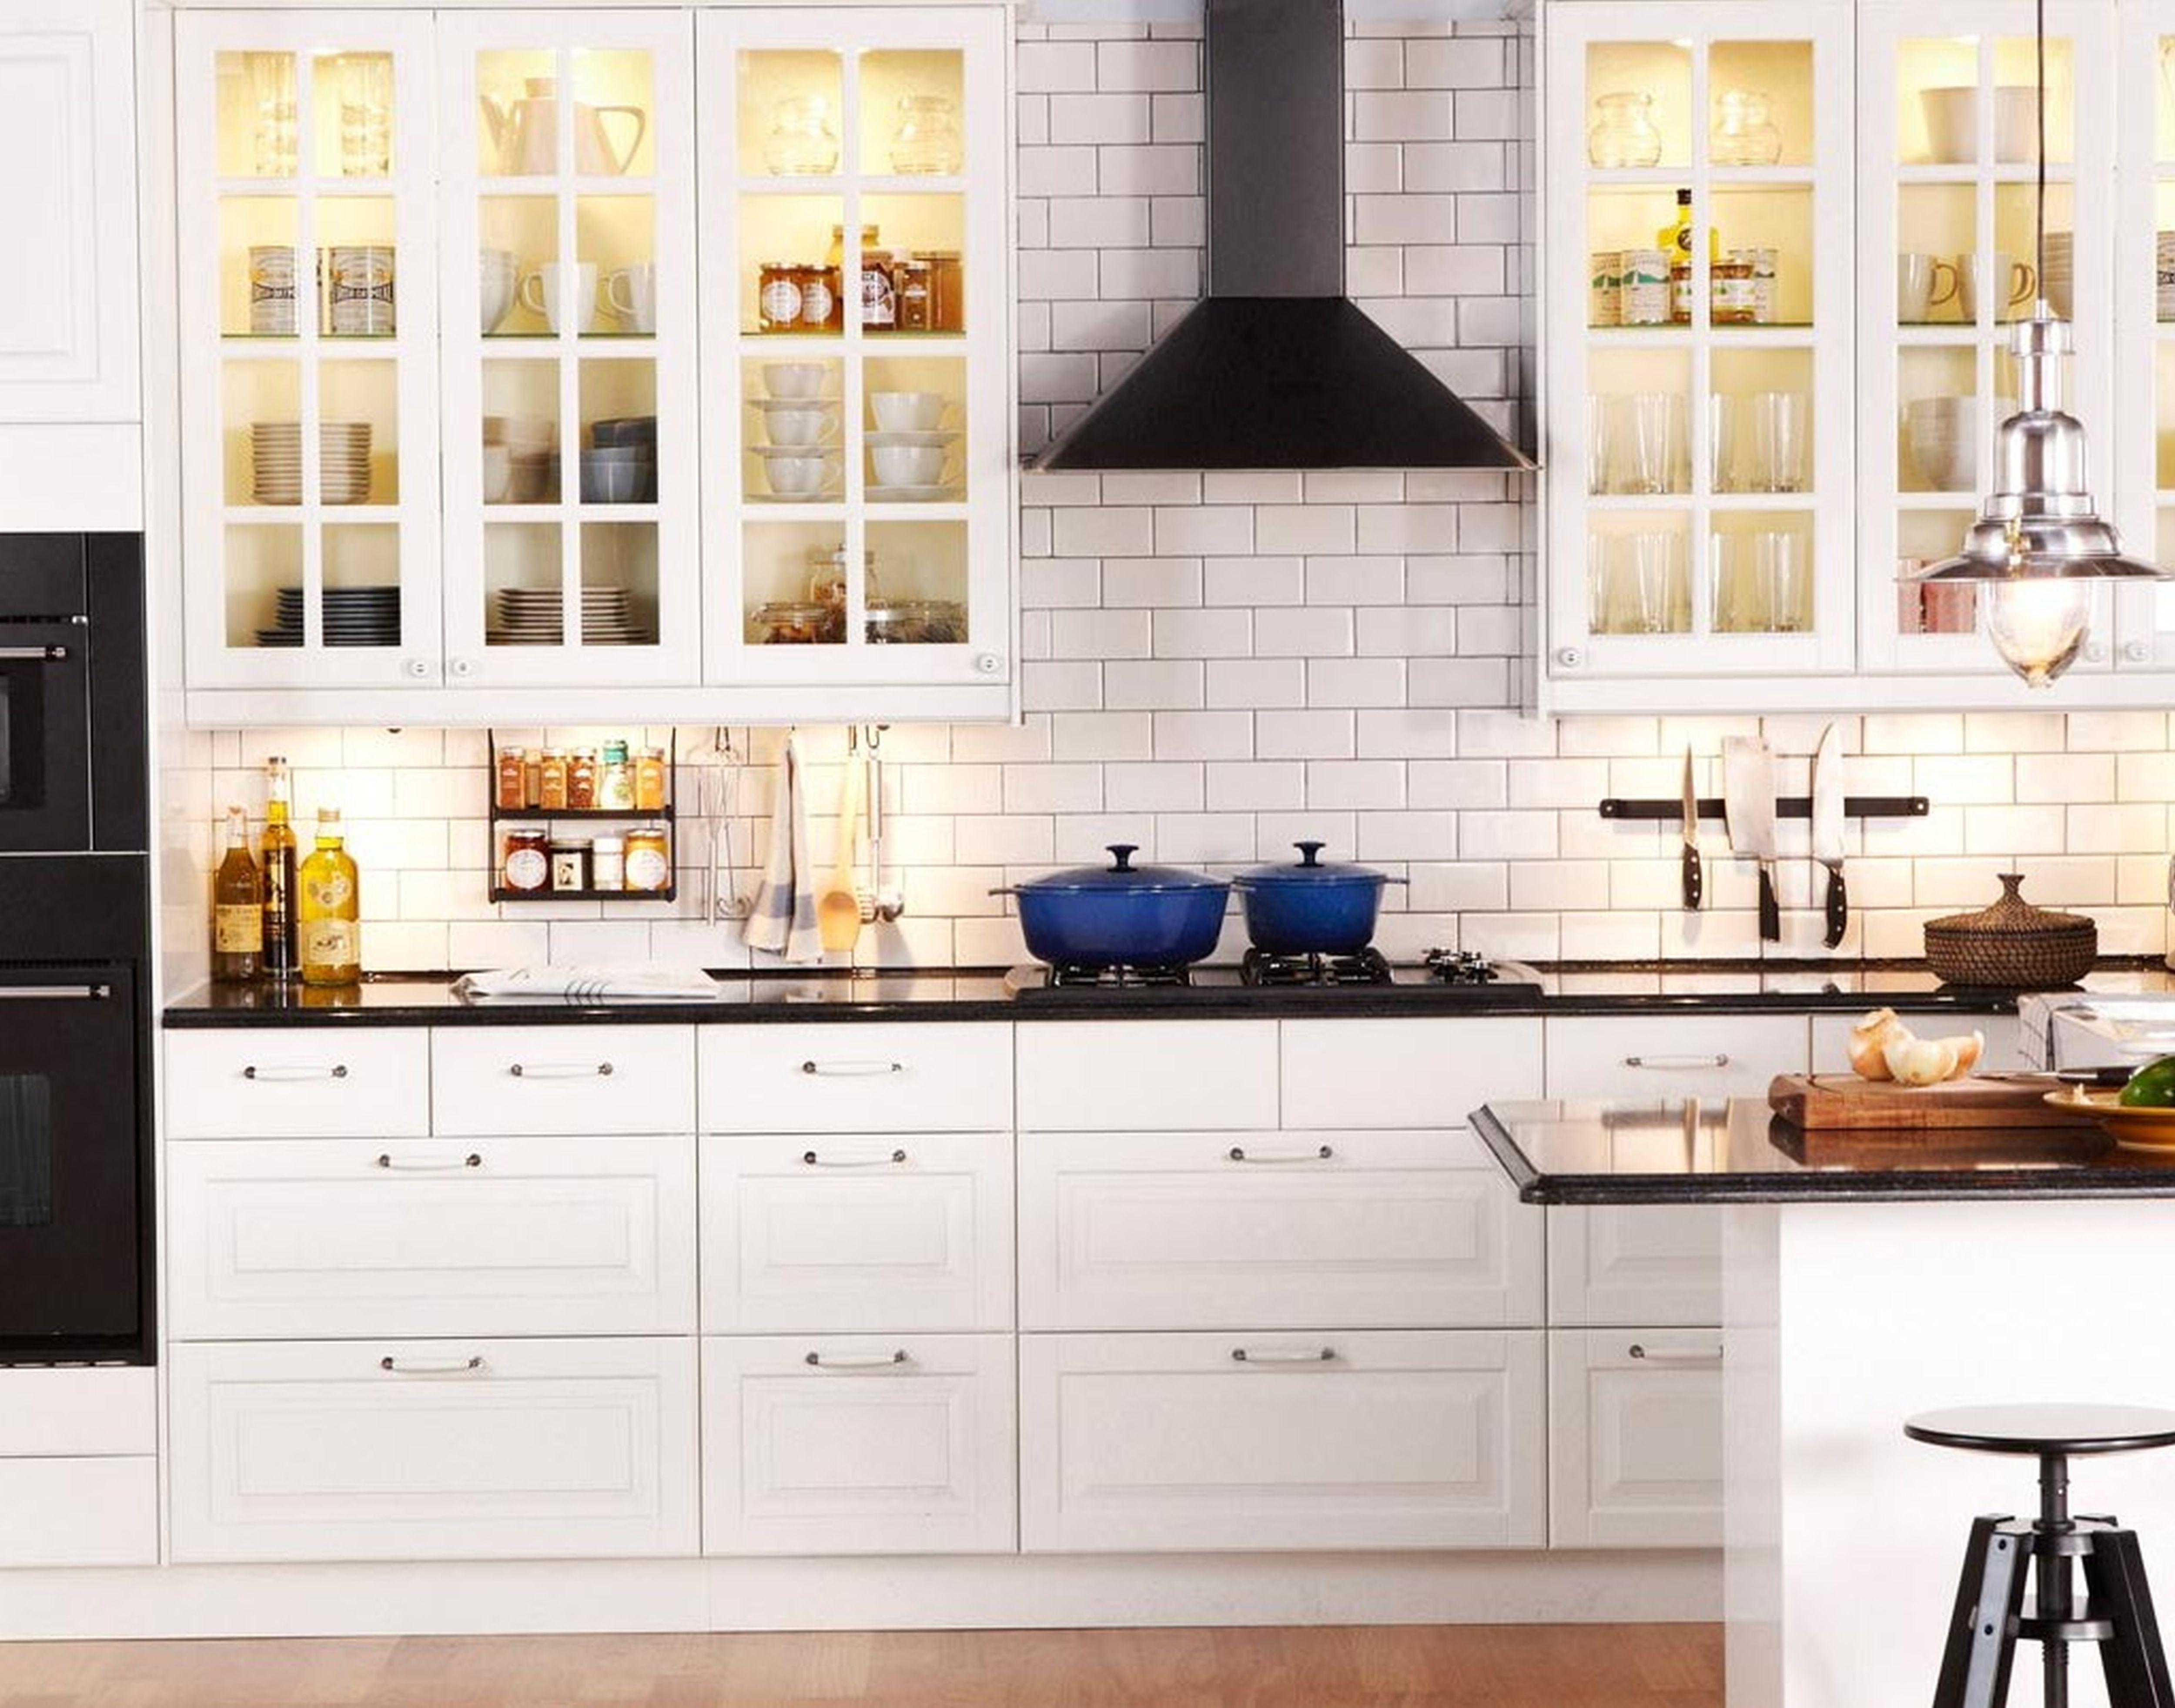 Best Kitchen Gallery: White Kitchen Ultimate White Kitchen Designs Modern Kitchen of Ikea White Cabinets Kitchen on rachelxblog.com